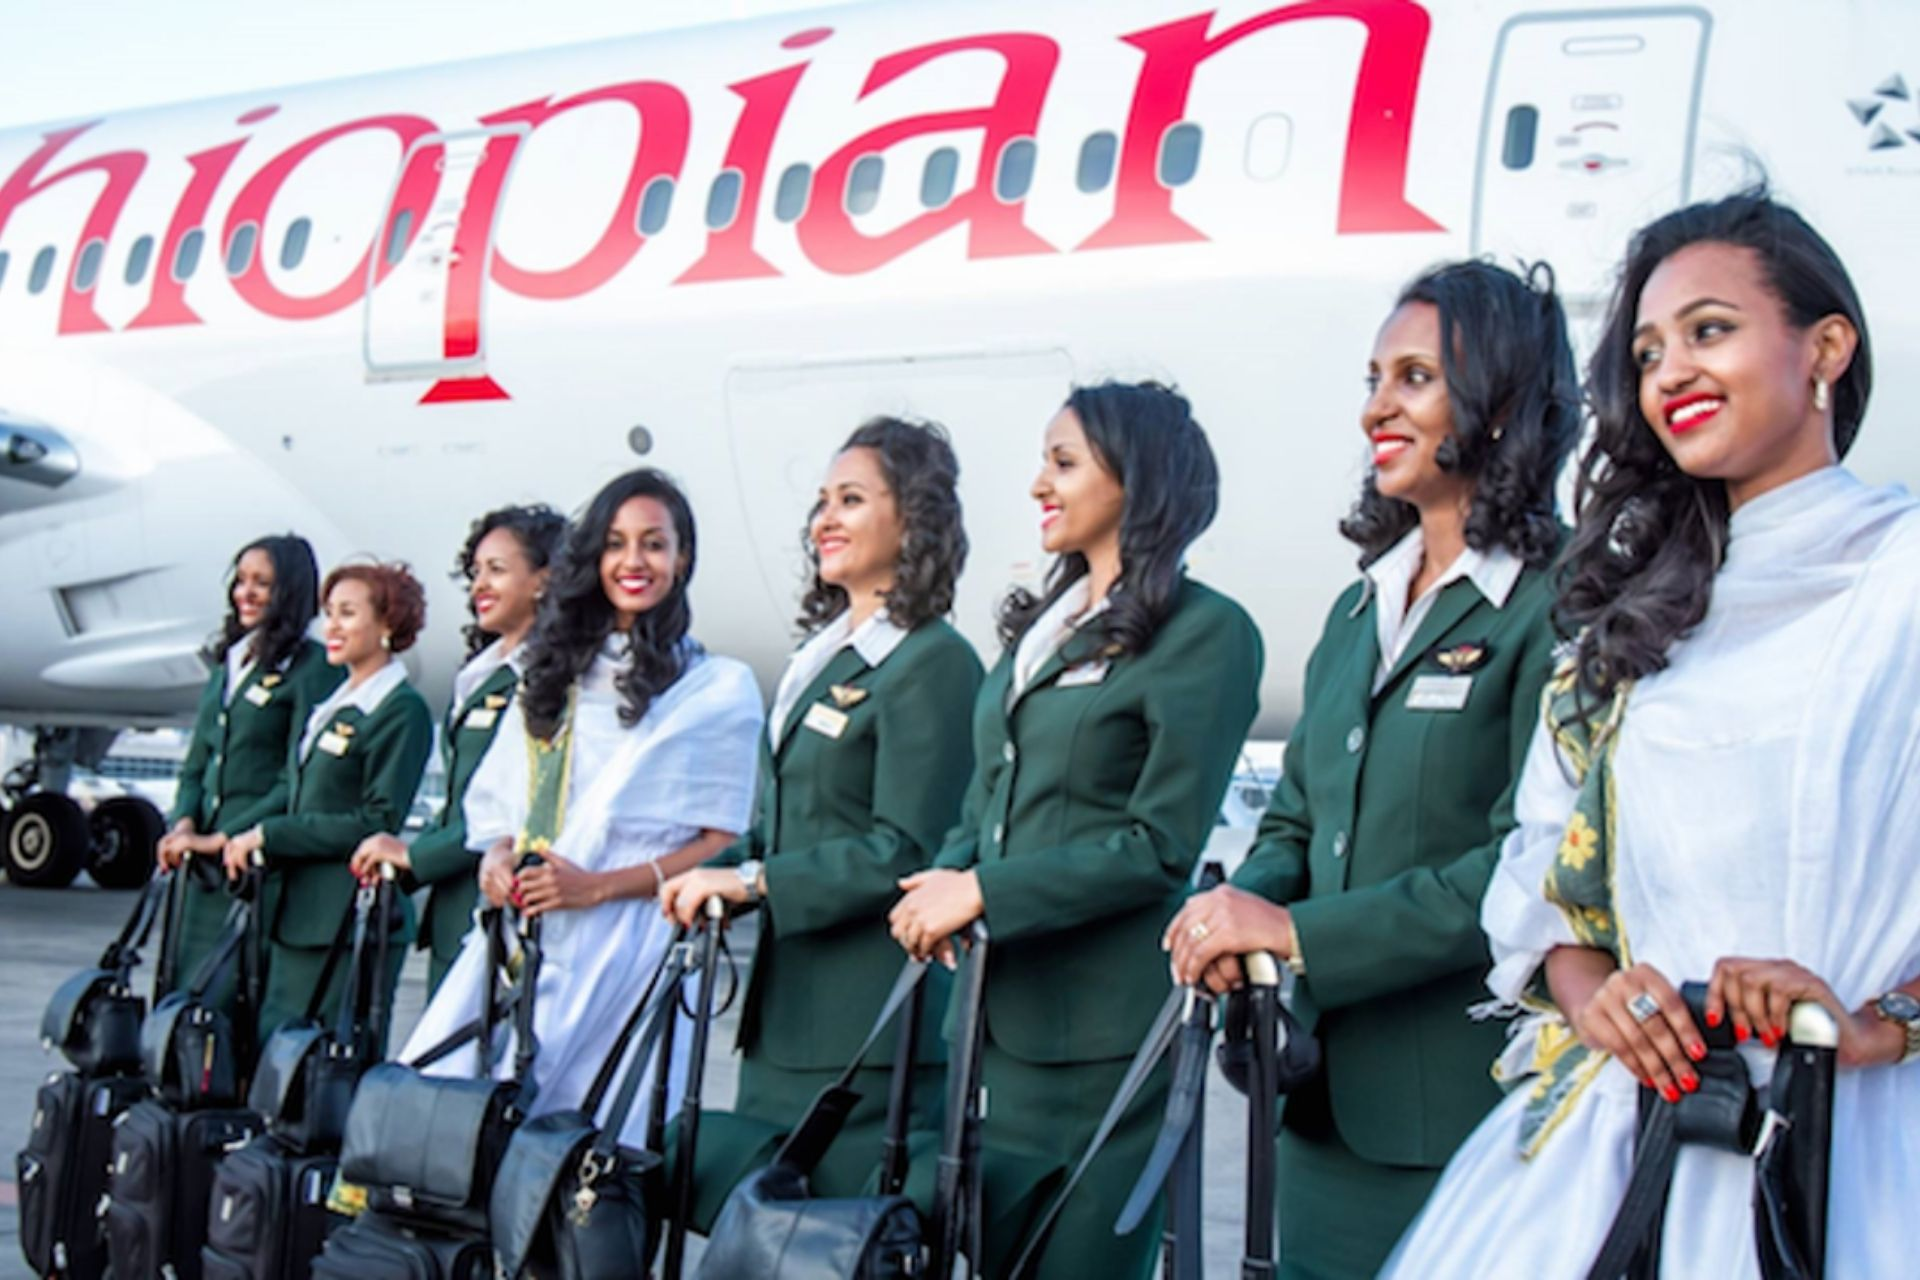 Ethiopian Airlines crew